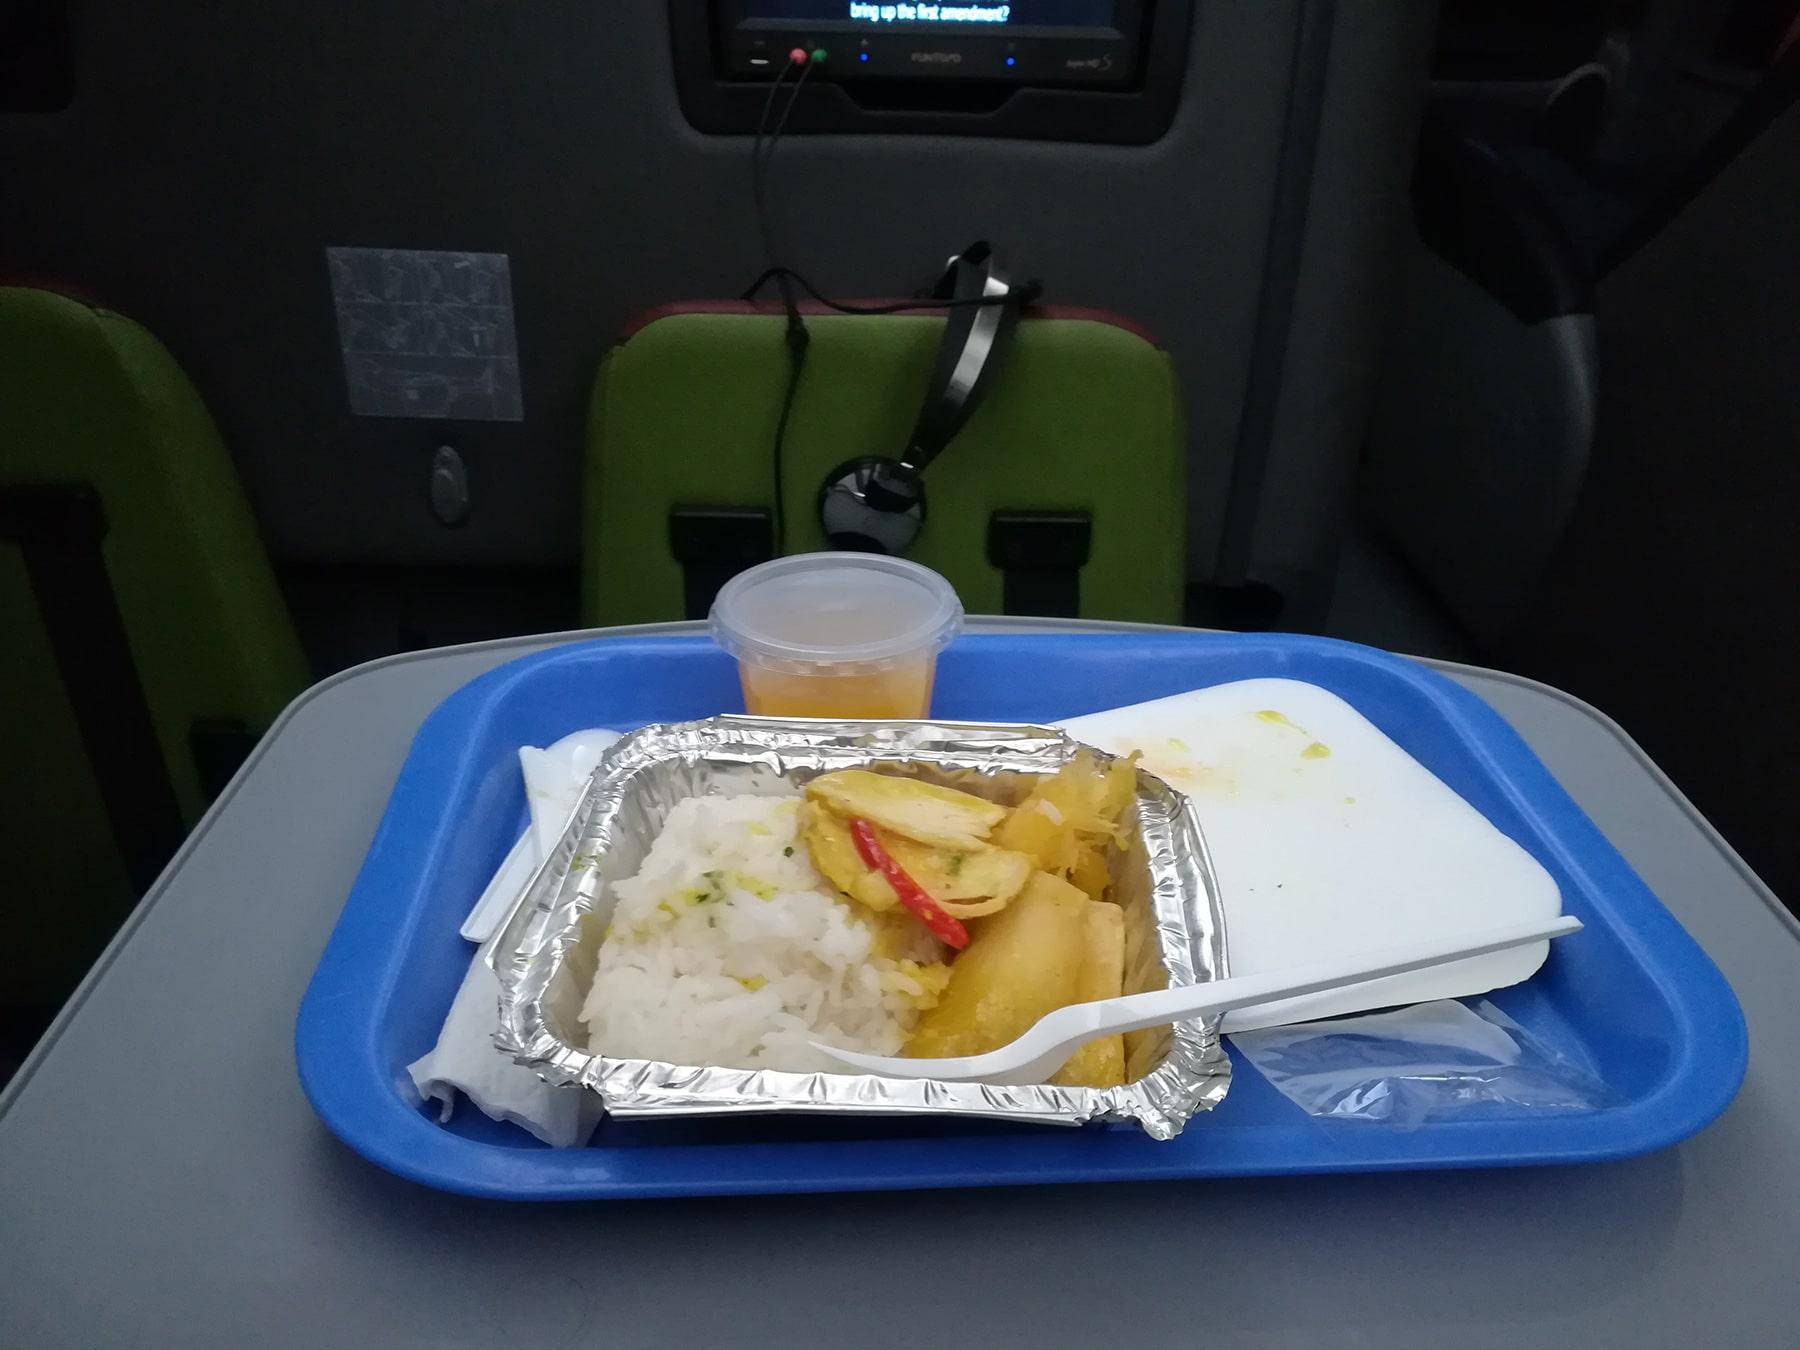 Le dîner dans le bus Oltursa